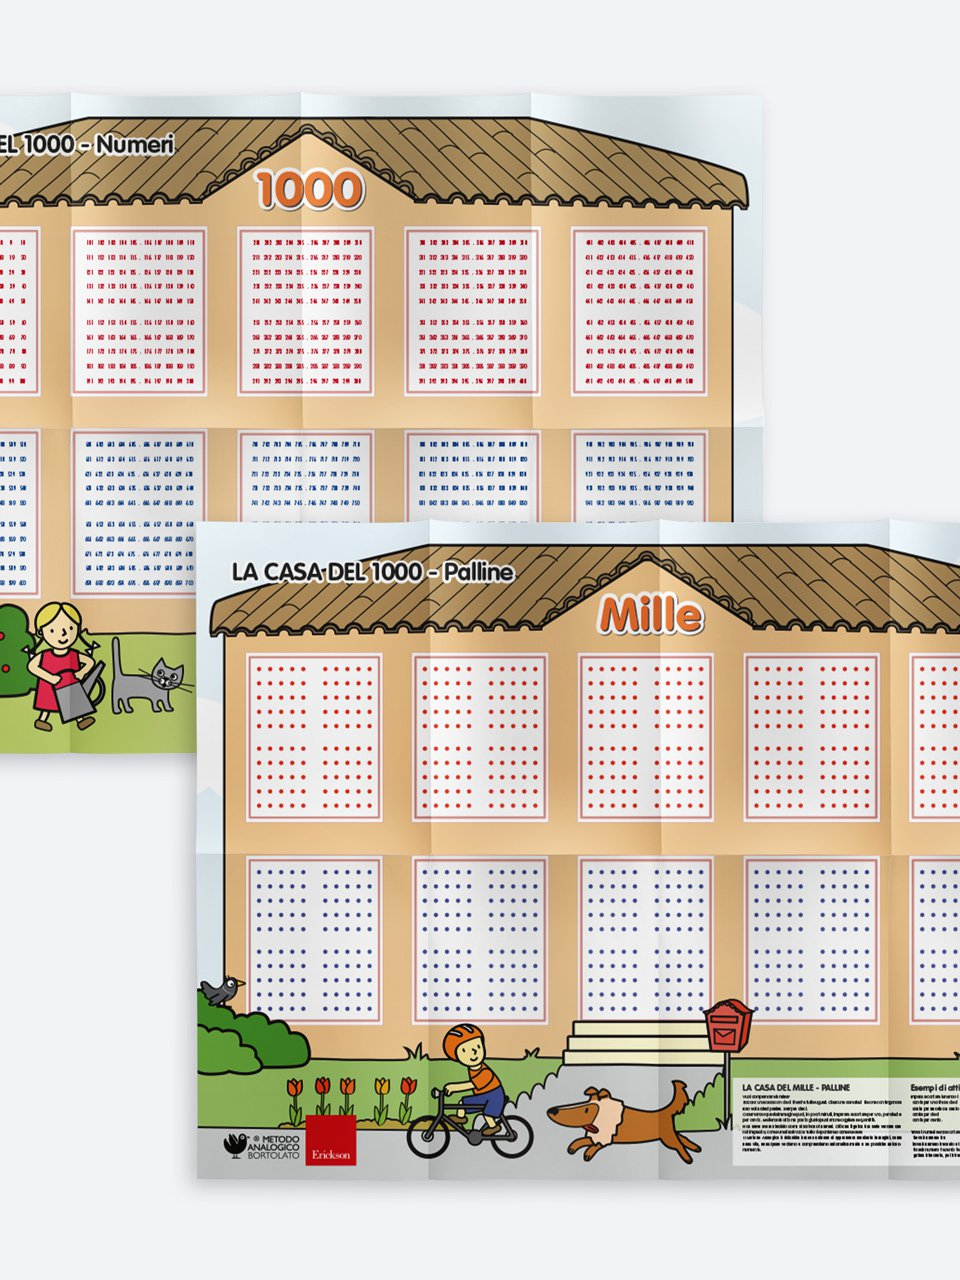 La casa del 1000 - Cartelloni murali - Apprendere con il metodo analogico e la LIM 1 - App e software - Erickson